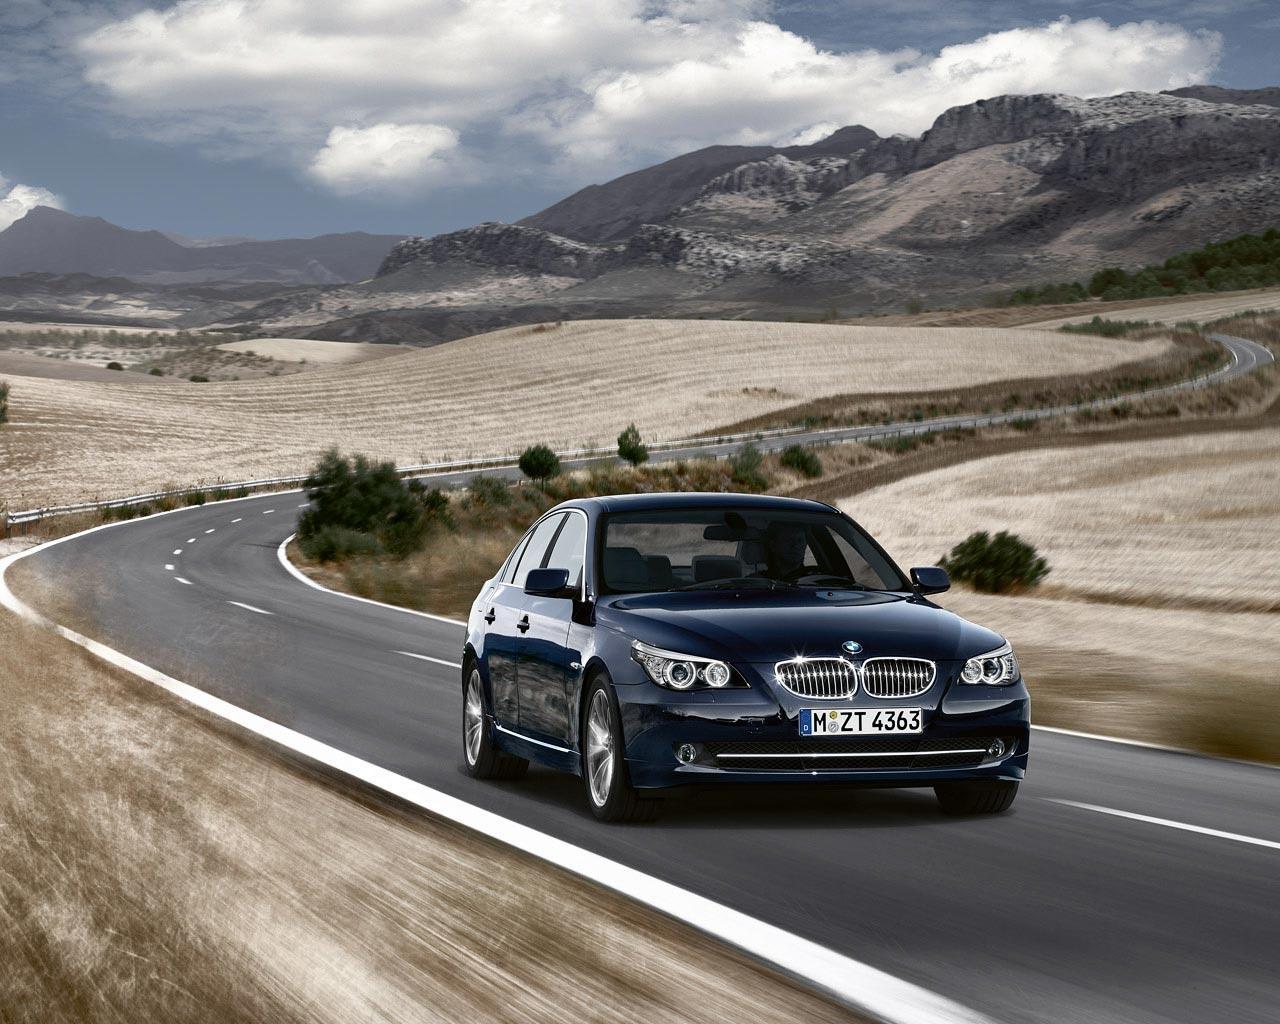 Desktop Wallpapers BMW Cars auto automobile